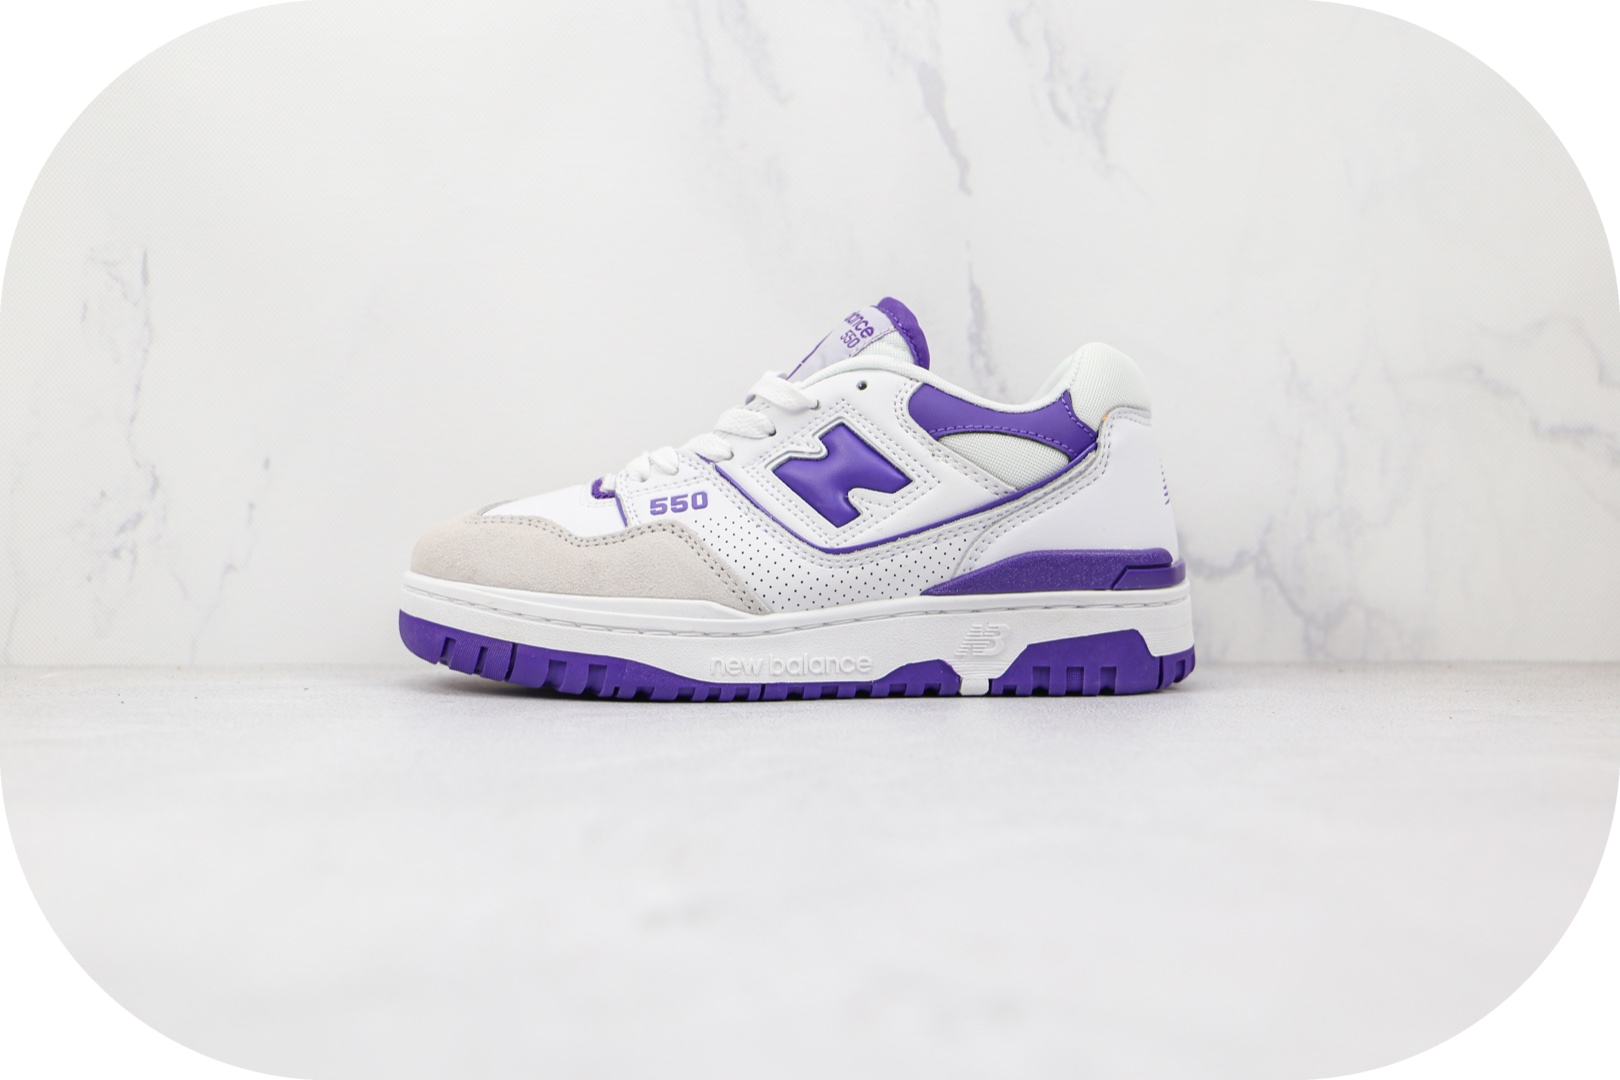 新百伦New Balance BB550纯原版本复古NB550白紫色板鞋原档案数据开发 货号:BB550WR1